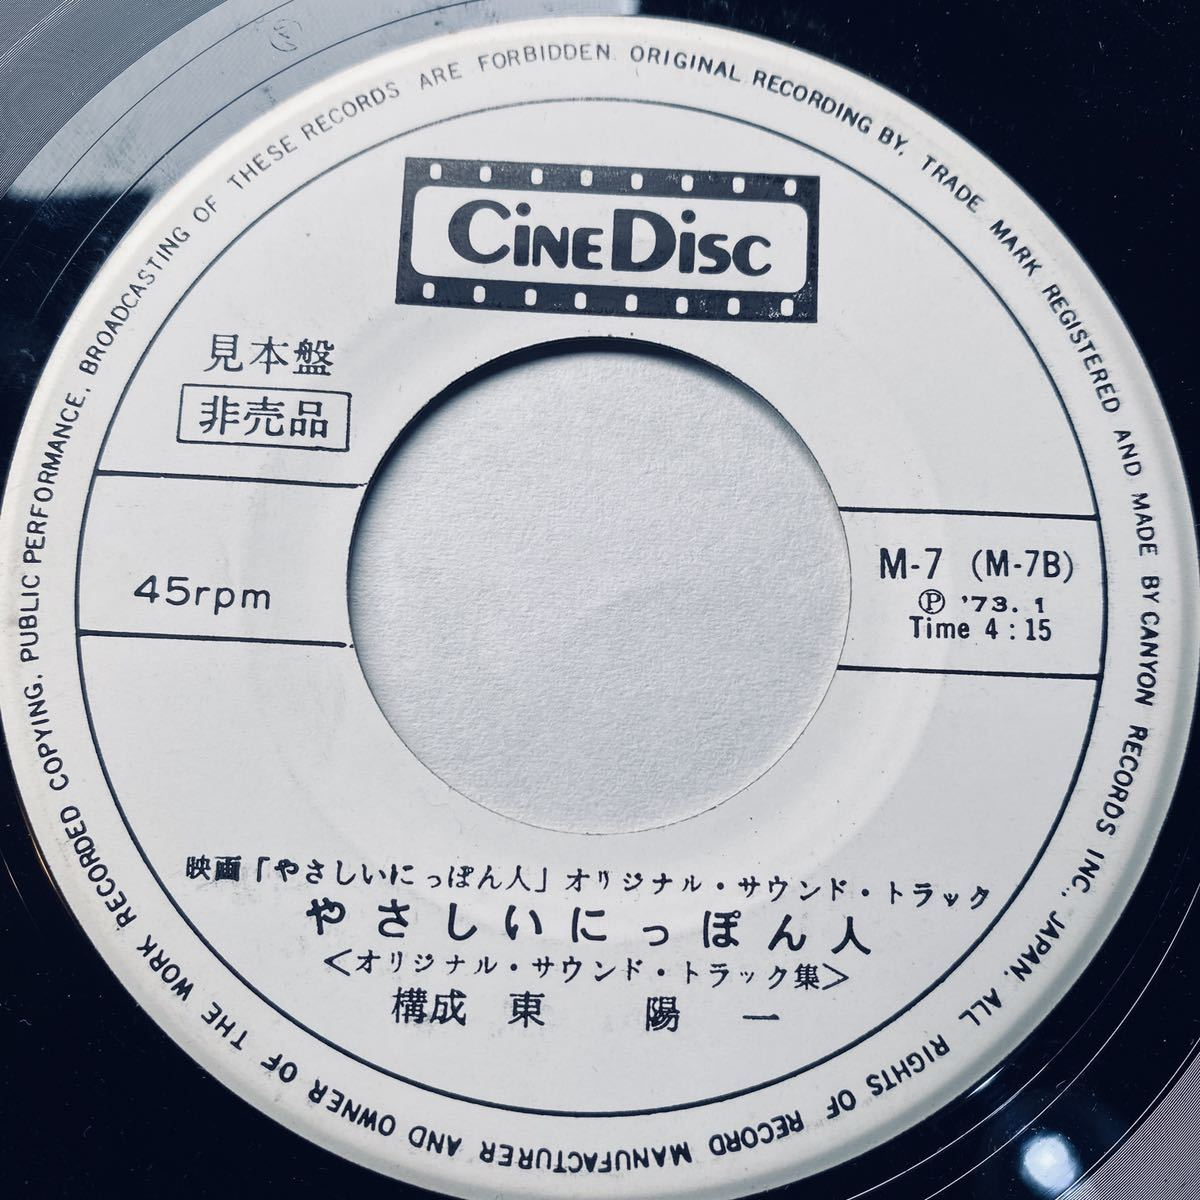 国内見本盤白ラベルEP / 緑魔子 やさしいにっぽん人 / '73 M-7 CiNE Disc 東陽一 OST 映画音楽 プロモ 非売品 サンプル 稀少盤 レア盤_画像5